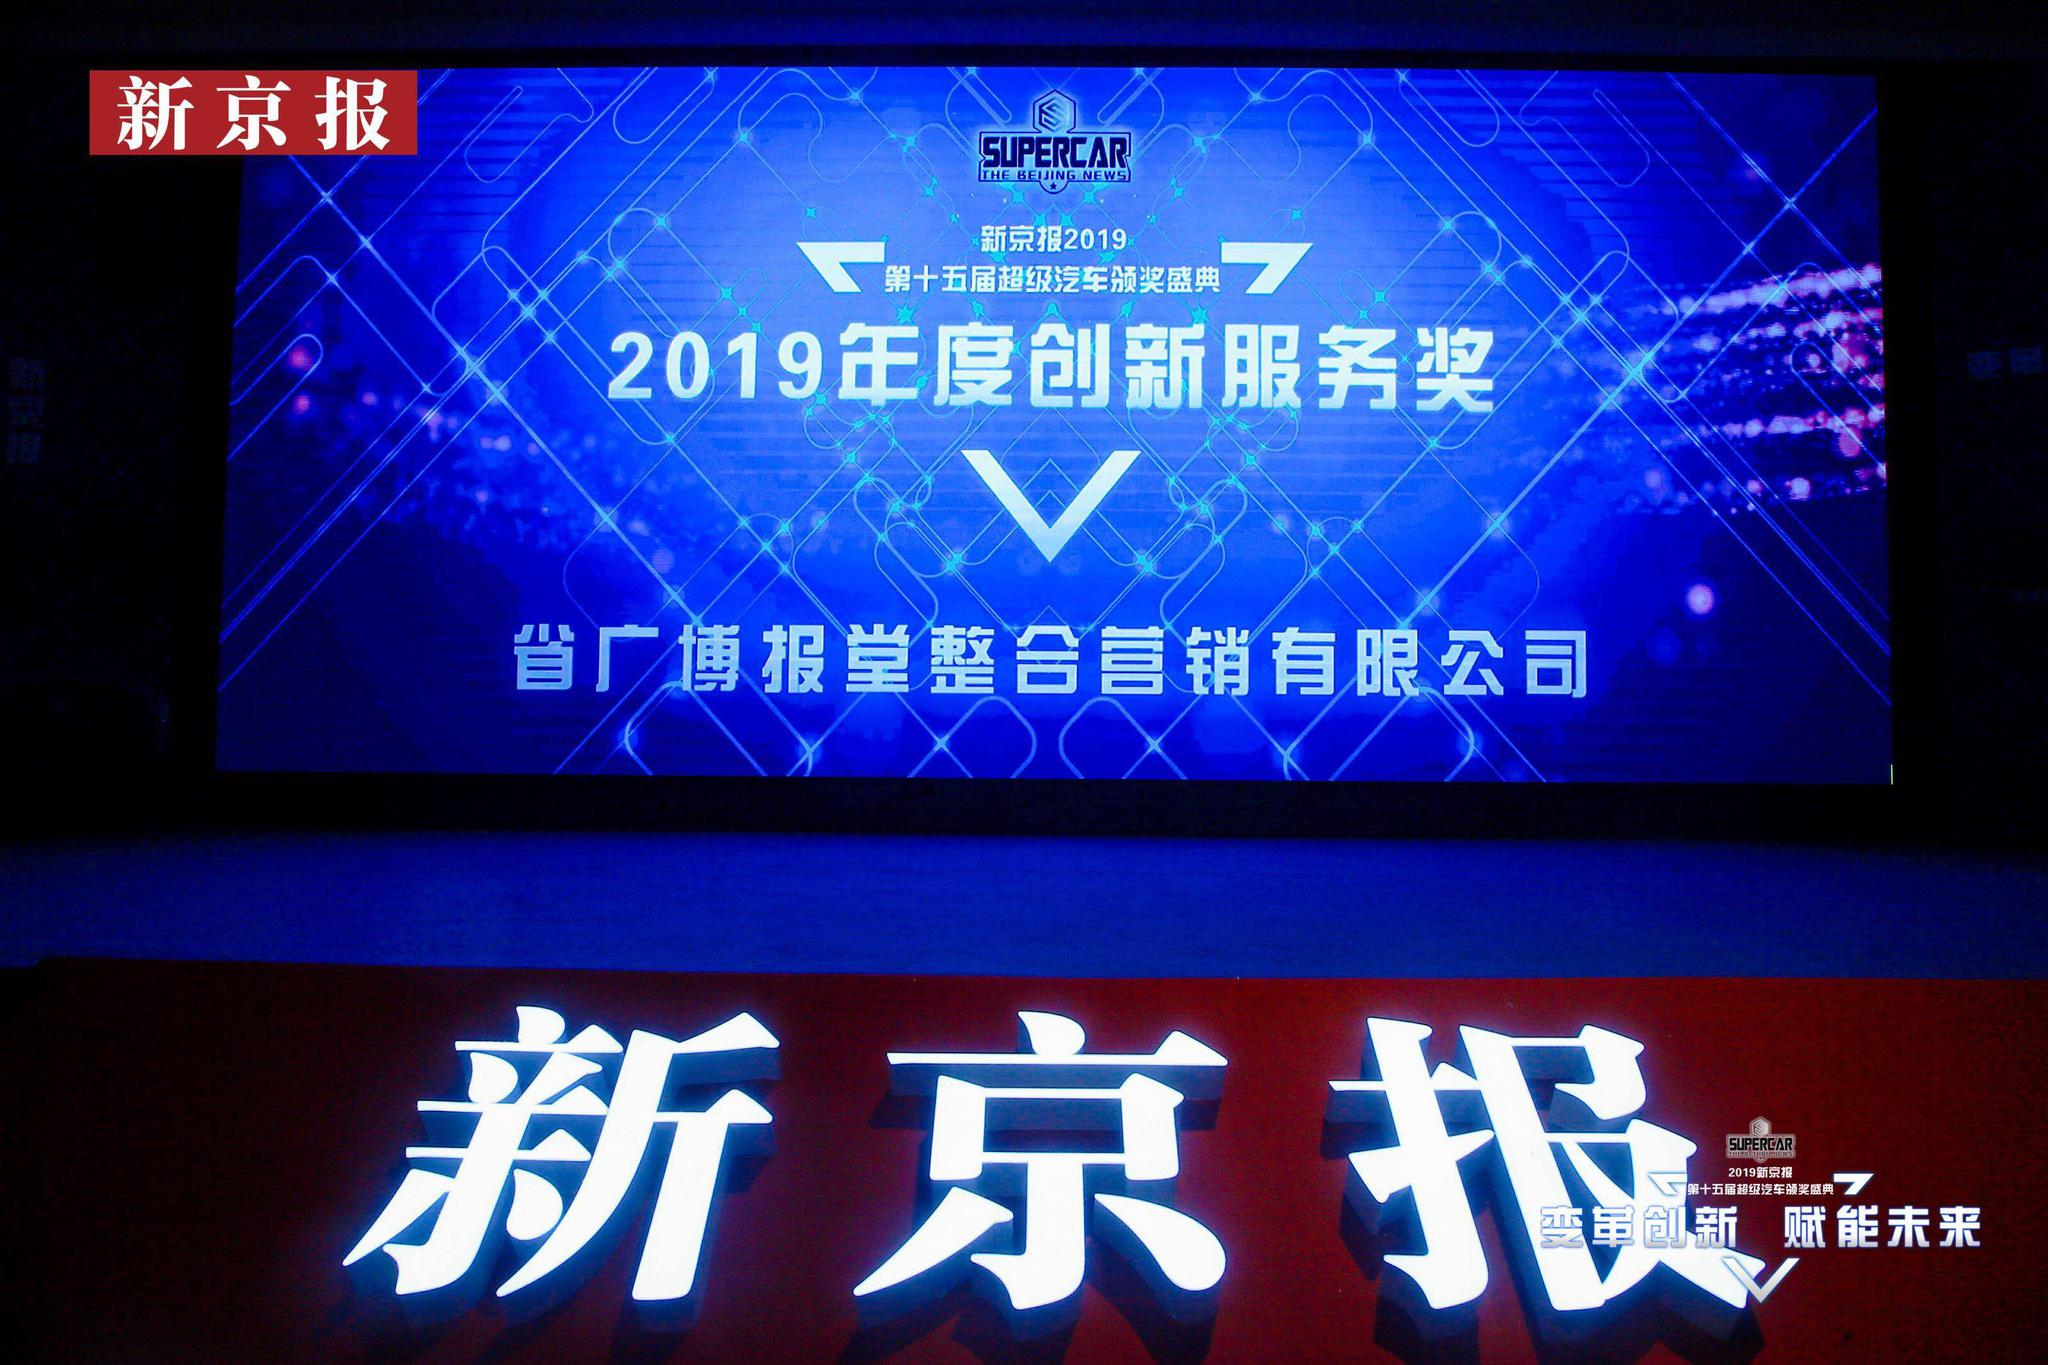 省广博报堂获新京报2019年度创新服务奖图片